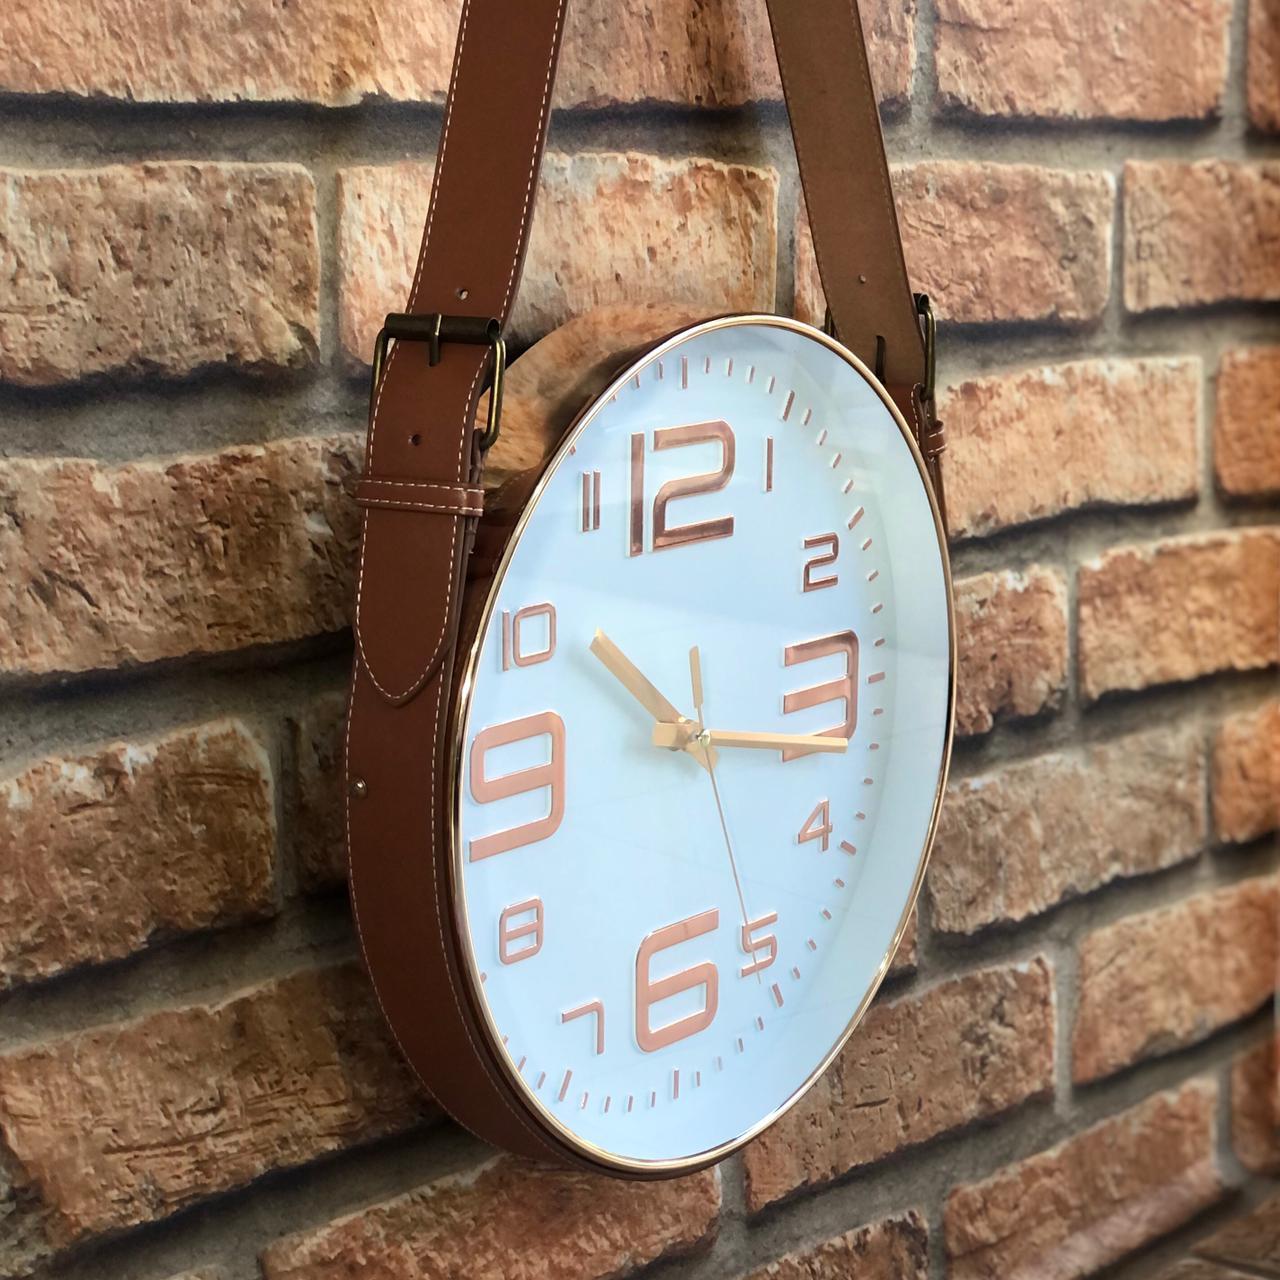 Relógio de Parede Decorativo com Alça Cinto